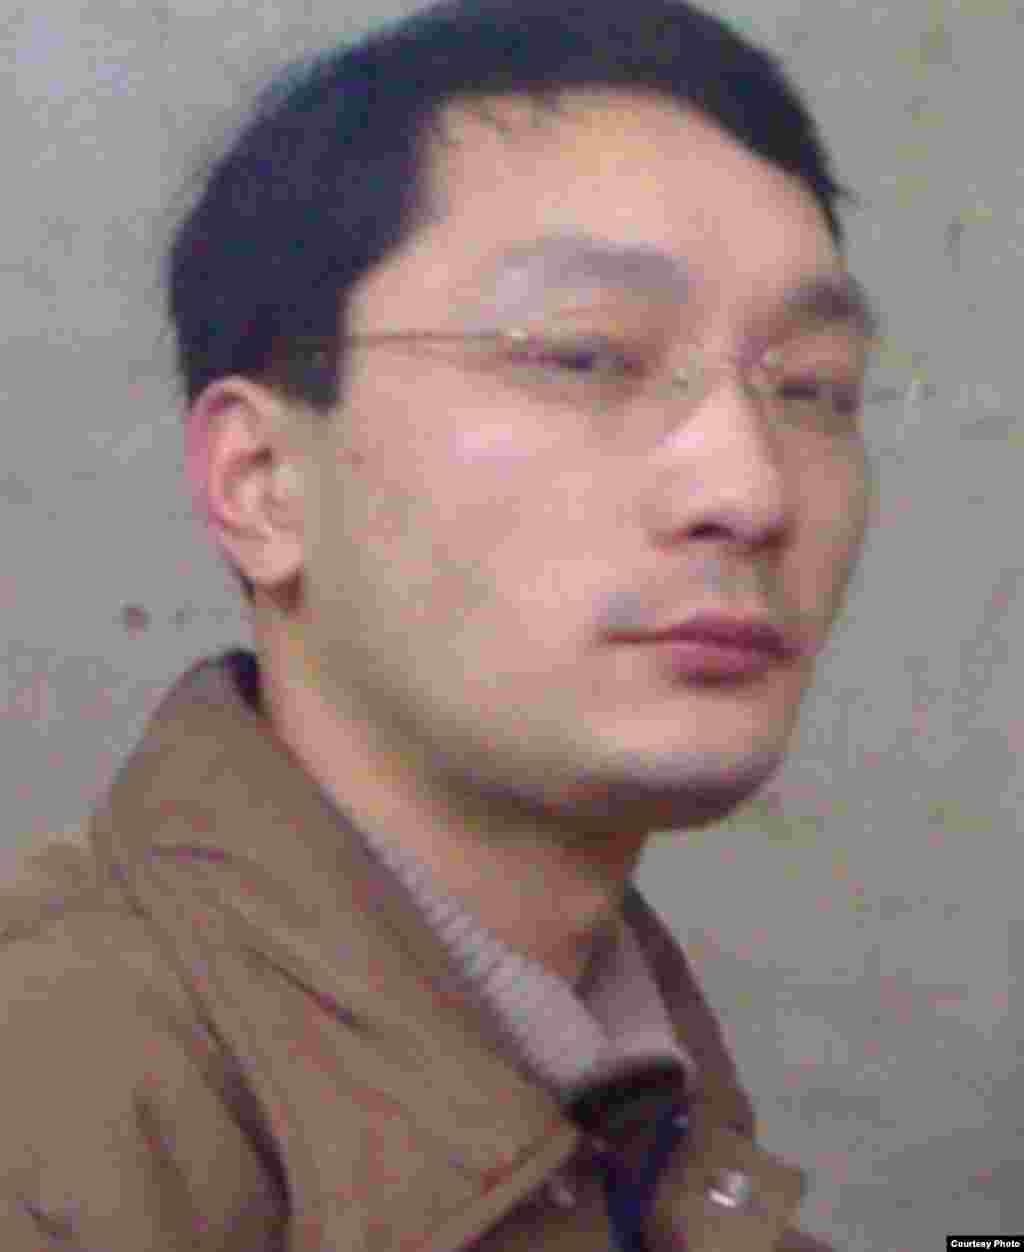 中國人民解放軍61398部隊網絡部隊第3支隊成員文新宇( Wen Xinyu)(FBI照片)